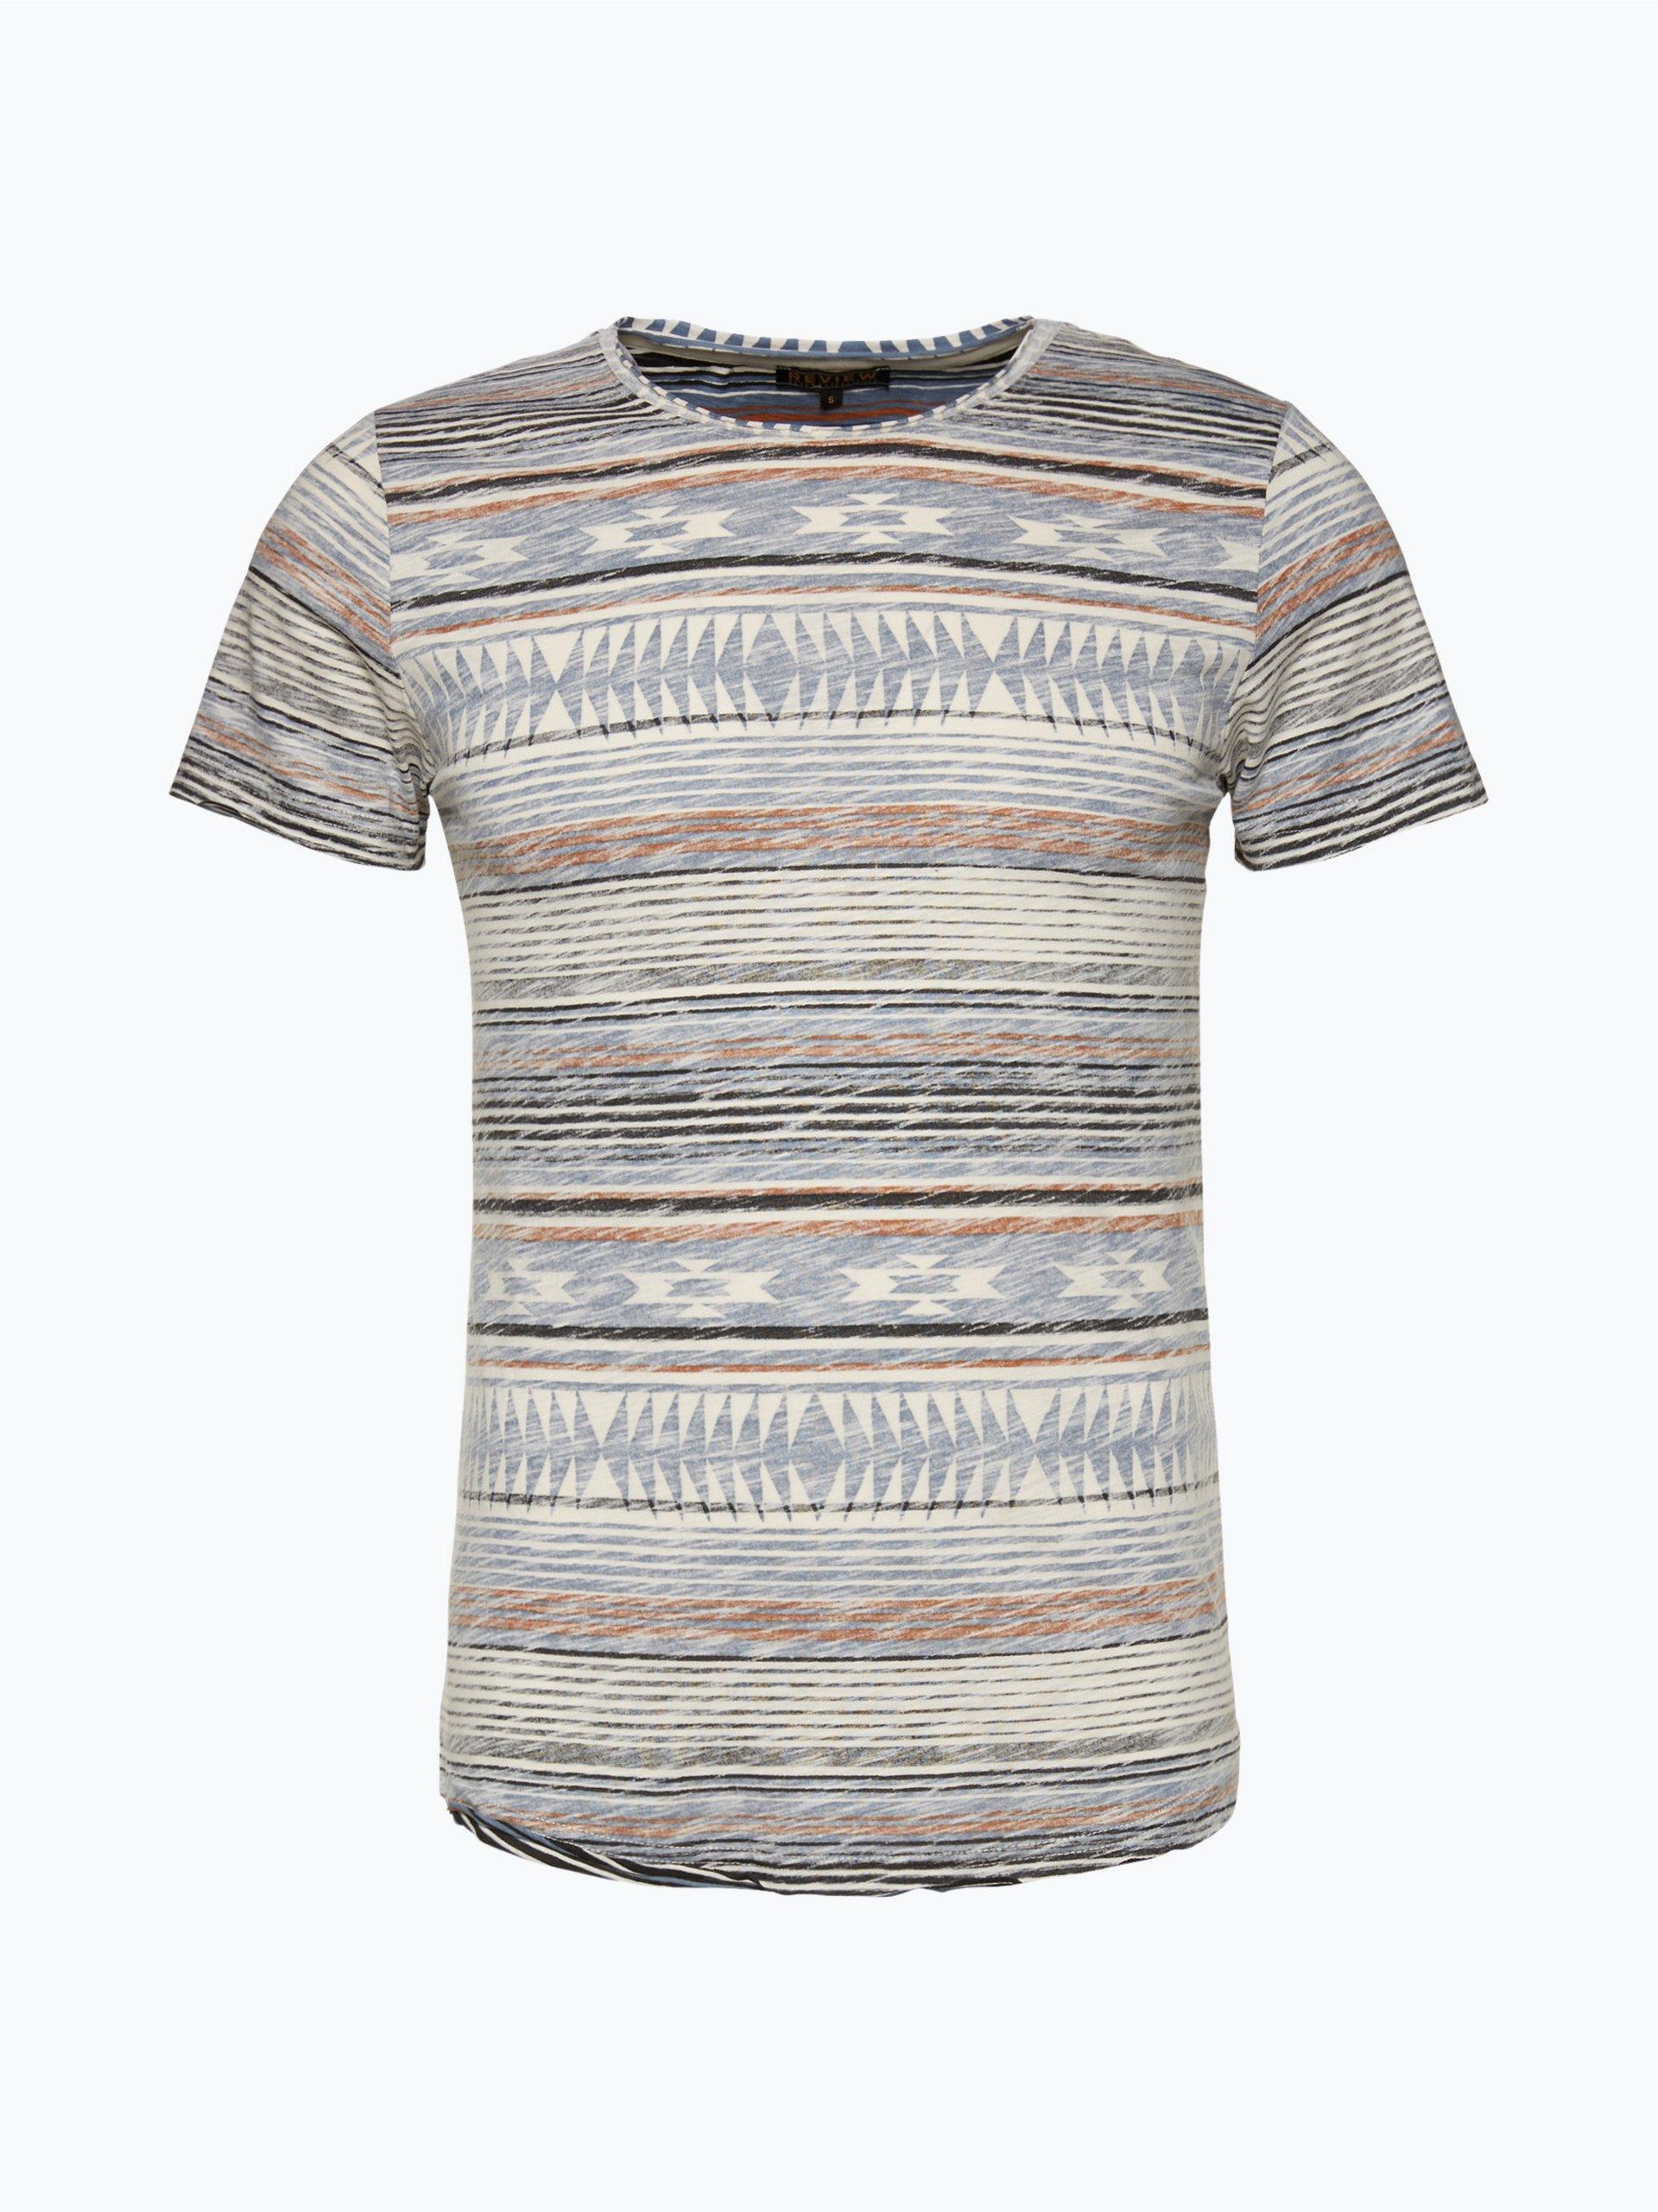 review herren t shirt indigo gemustert online kaufen vangraaf com. Black Bedroom Furniture Sets. Home Design Ideas